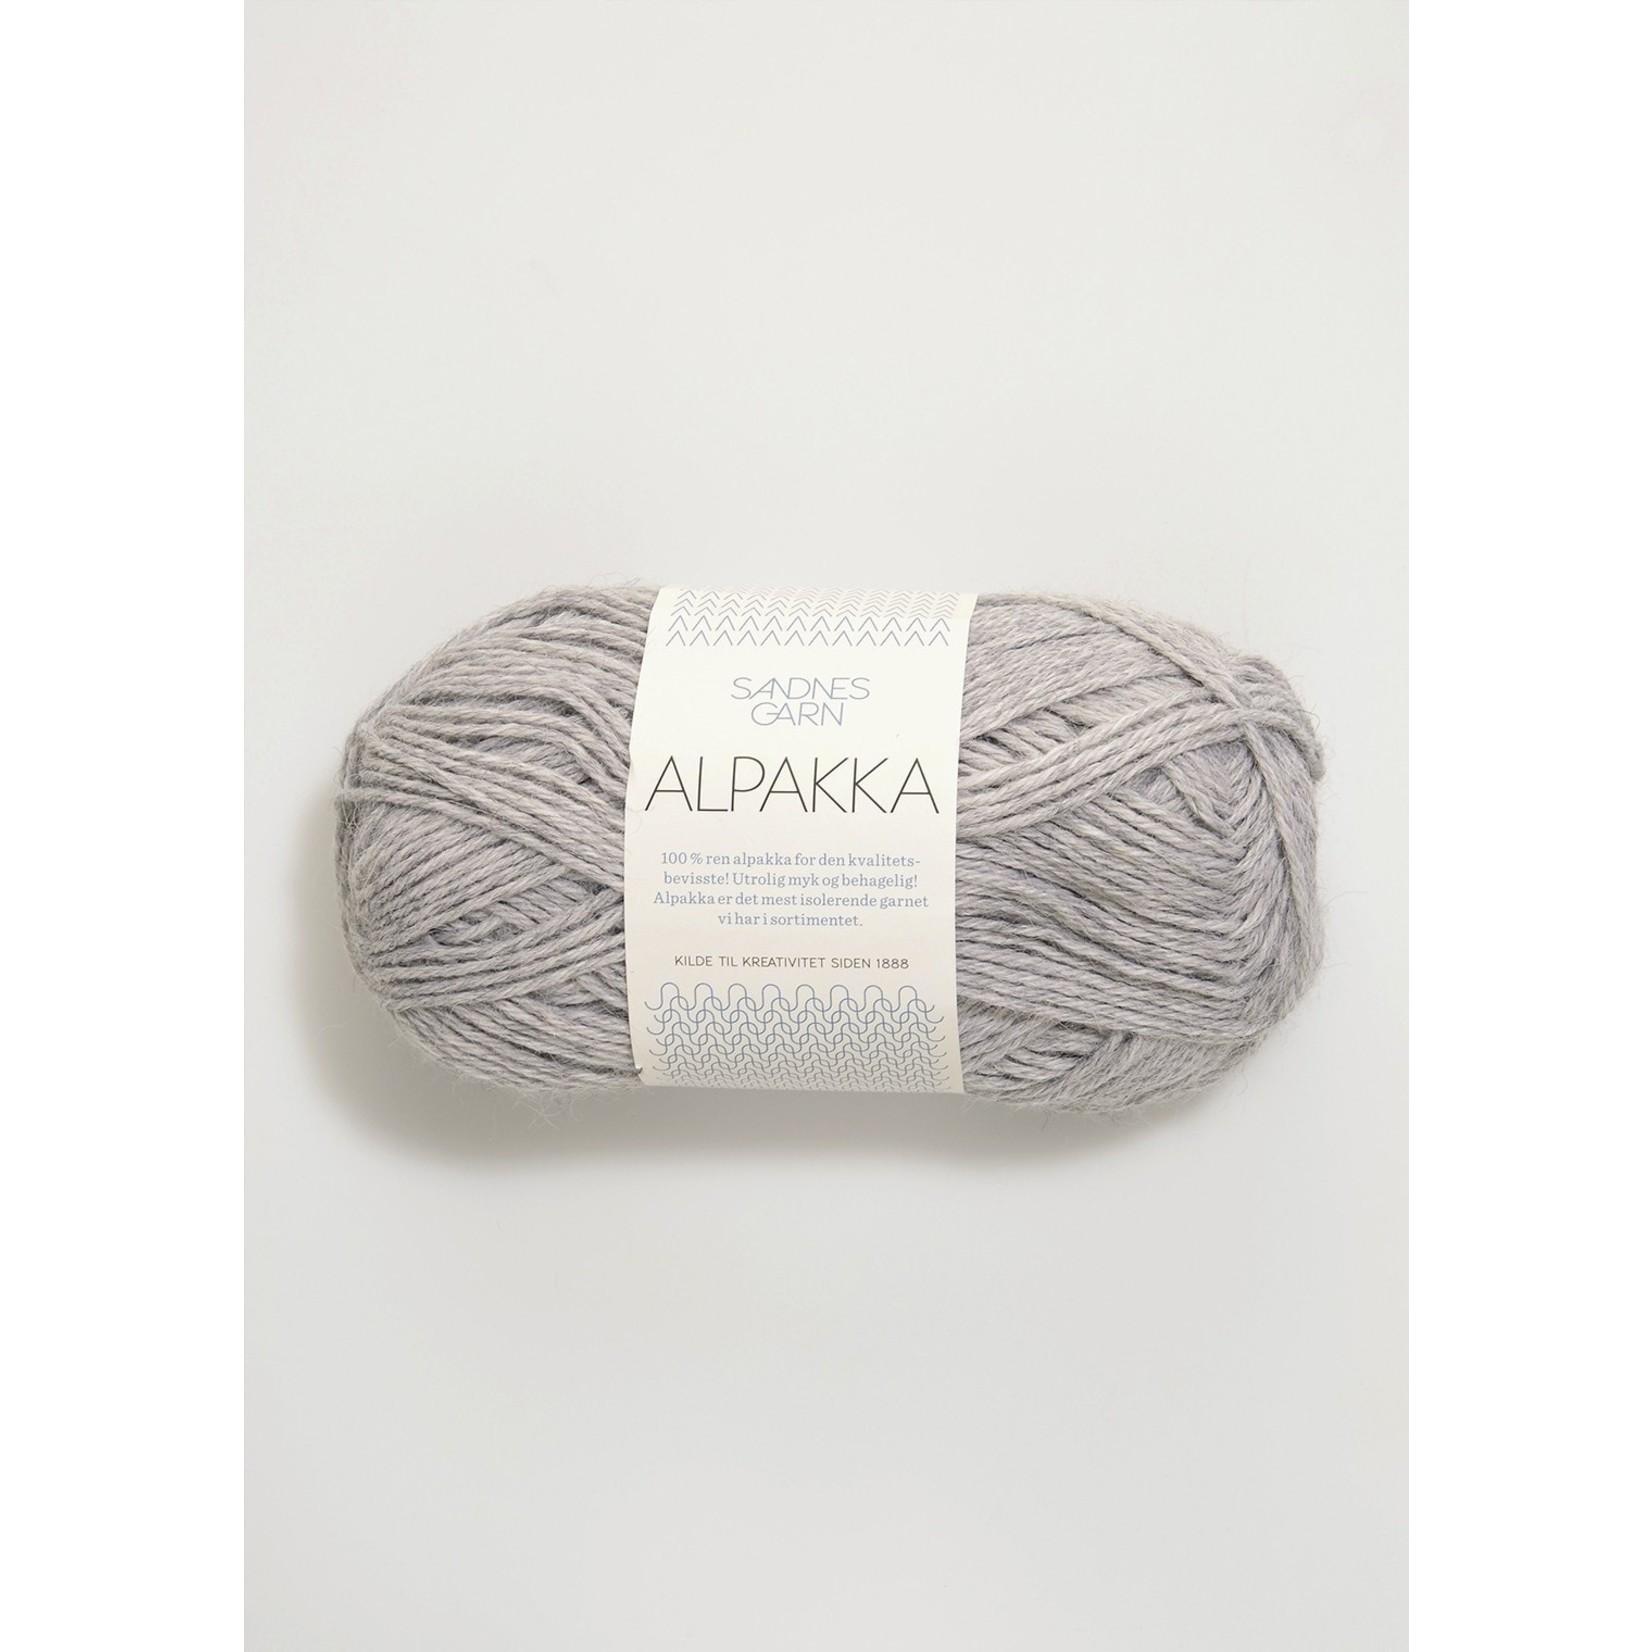 Sandnes Garn Alpakka, 1032, Light Gray Heather